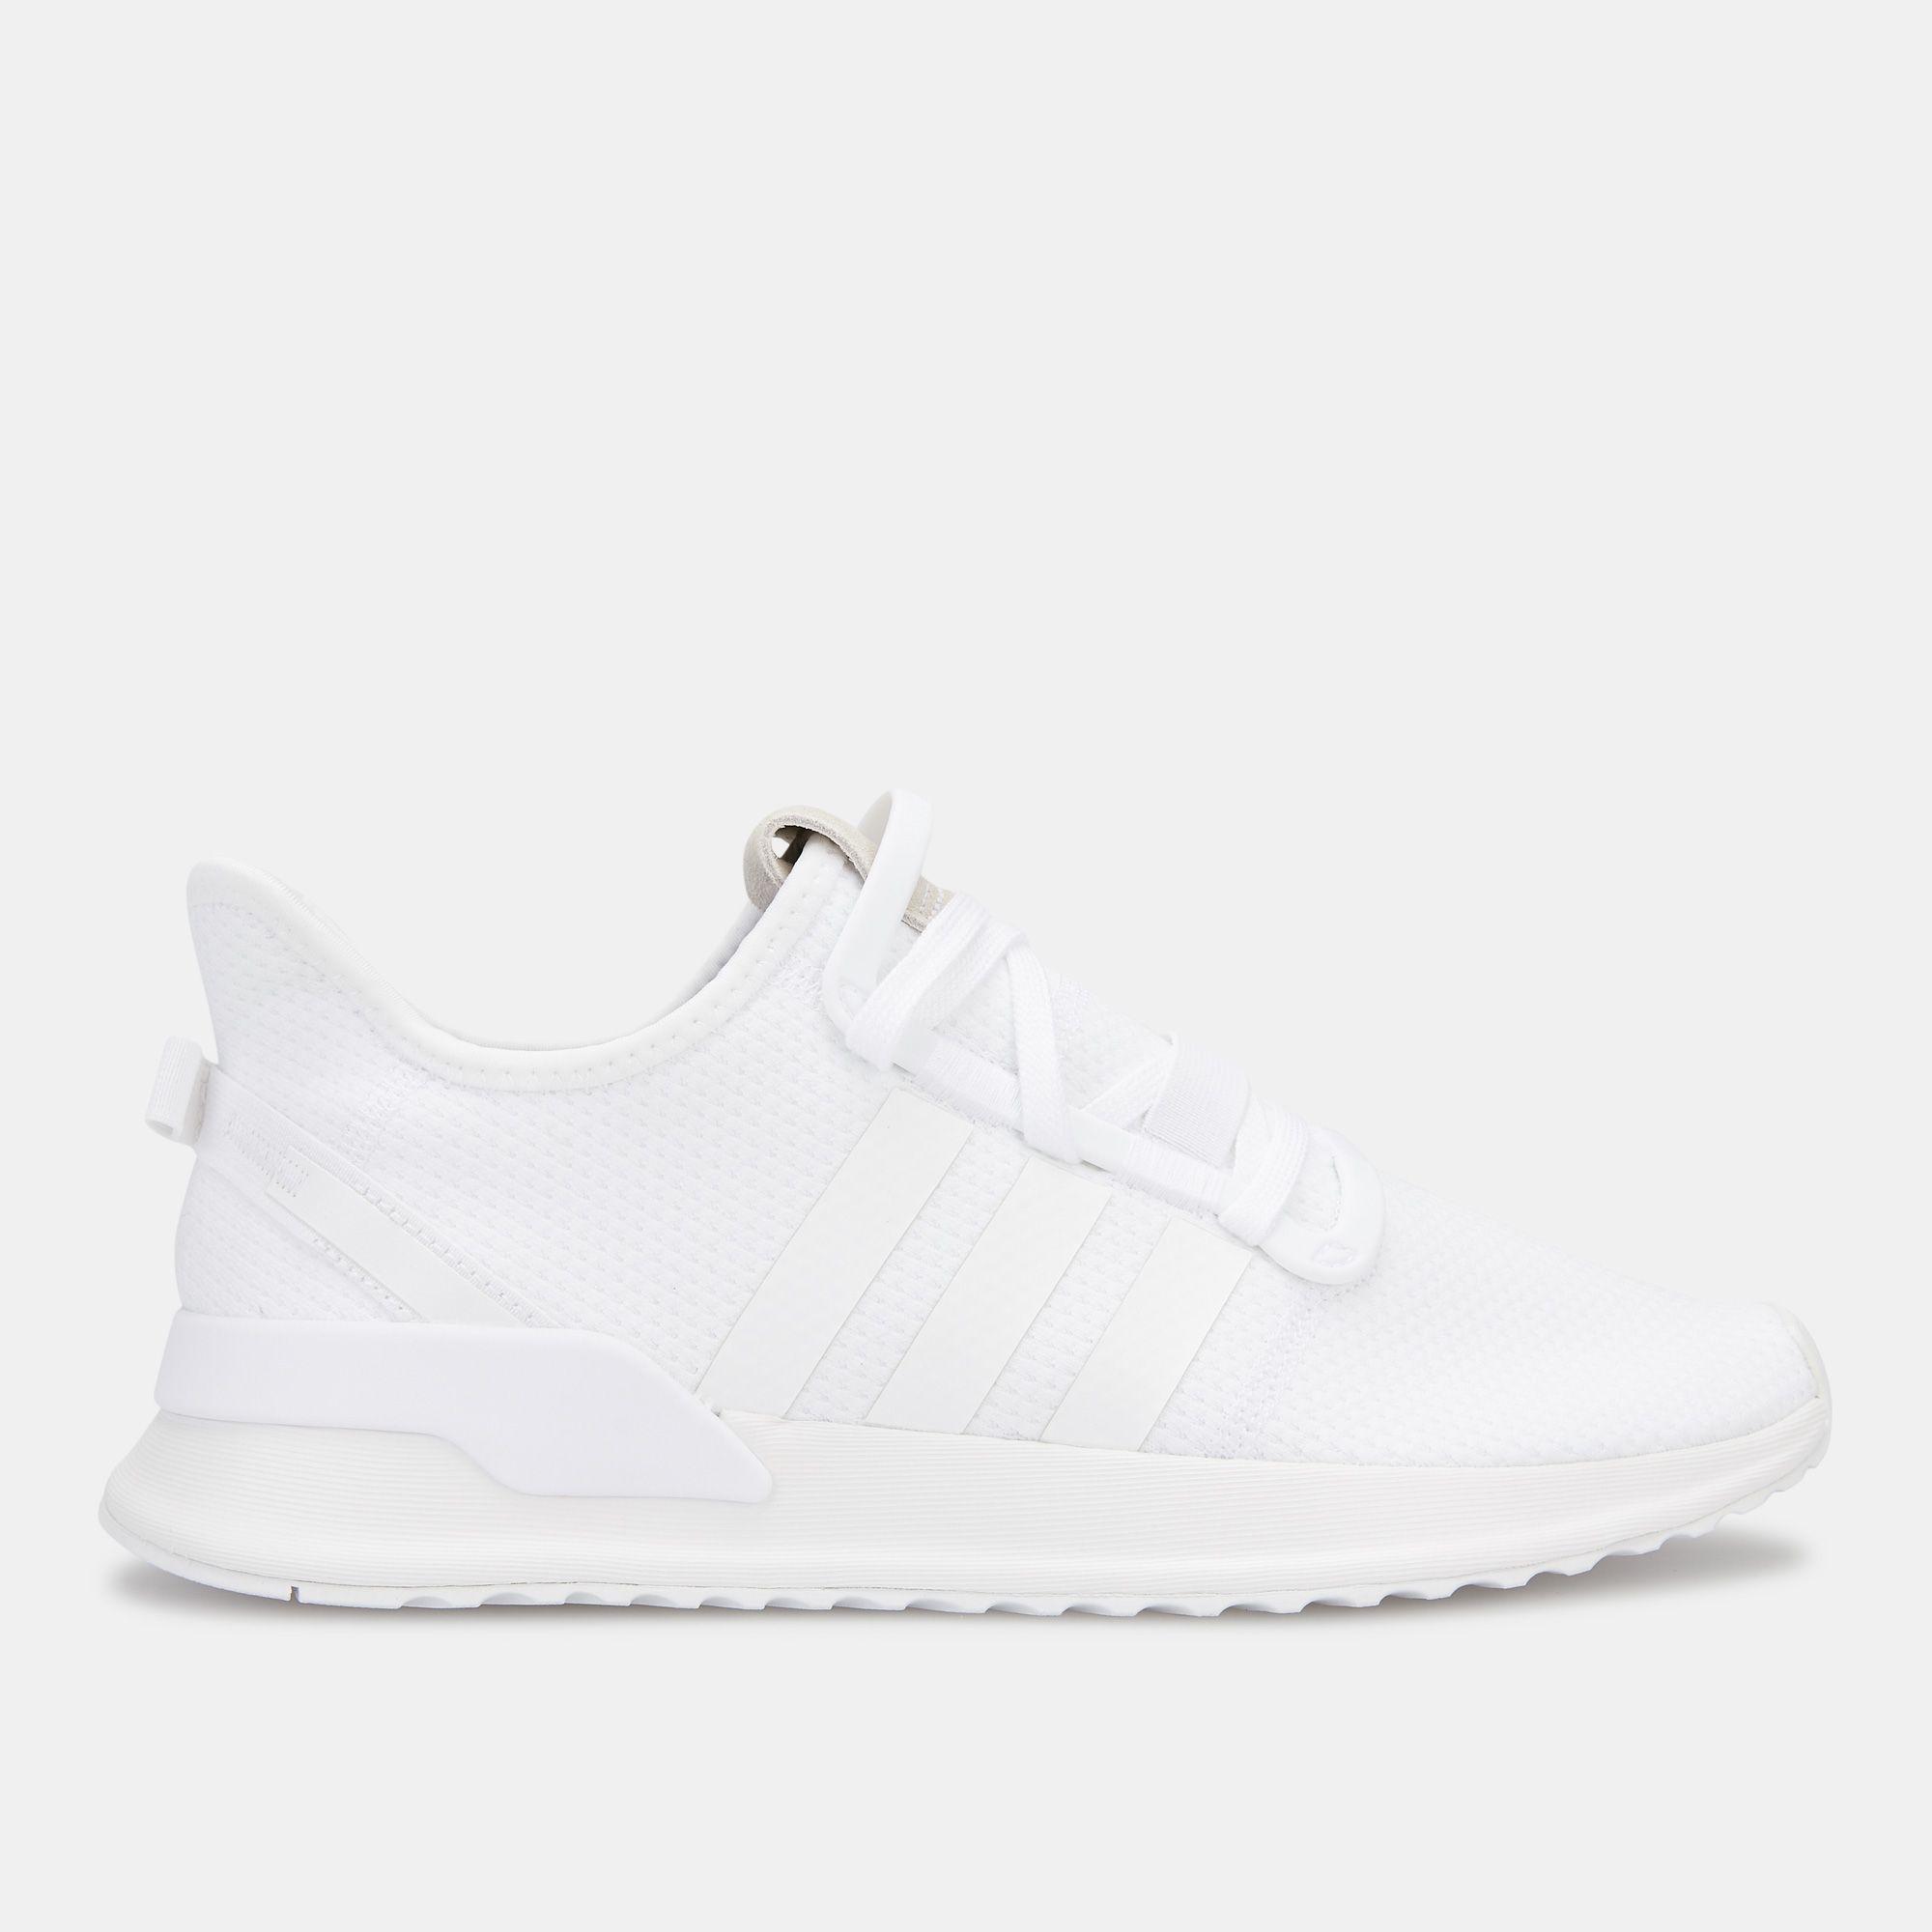 7b9cc6a0d87bb adidas Originals Men s U Path Run Shoe